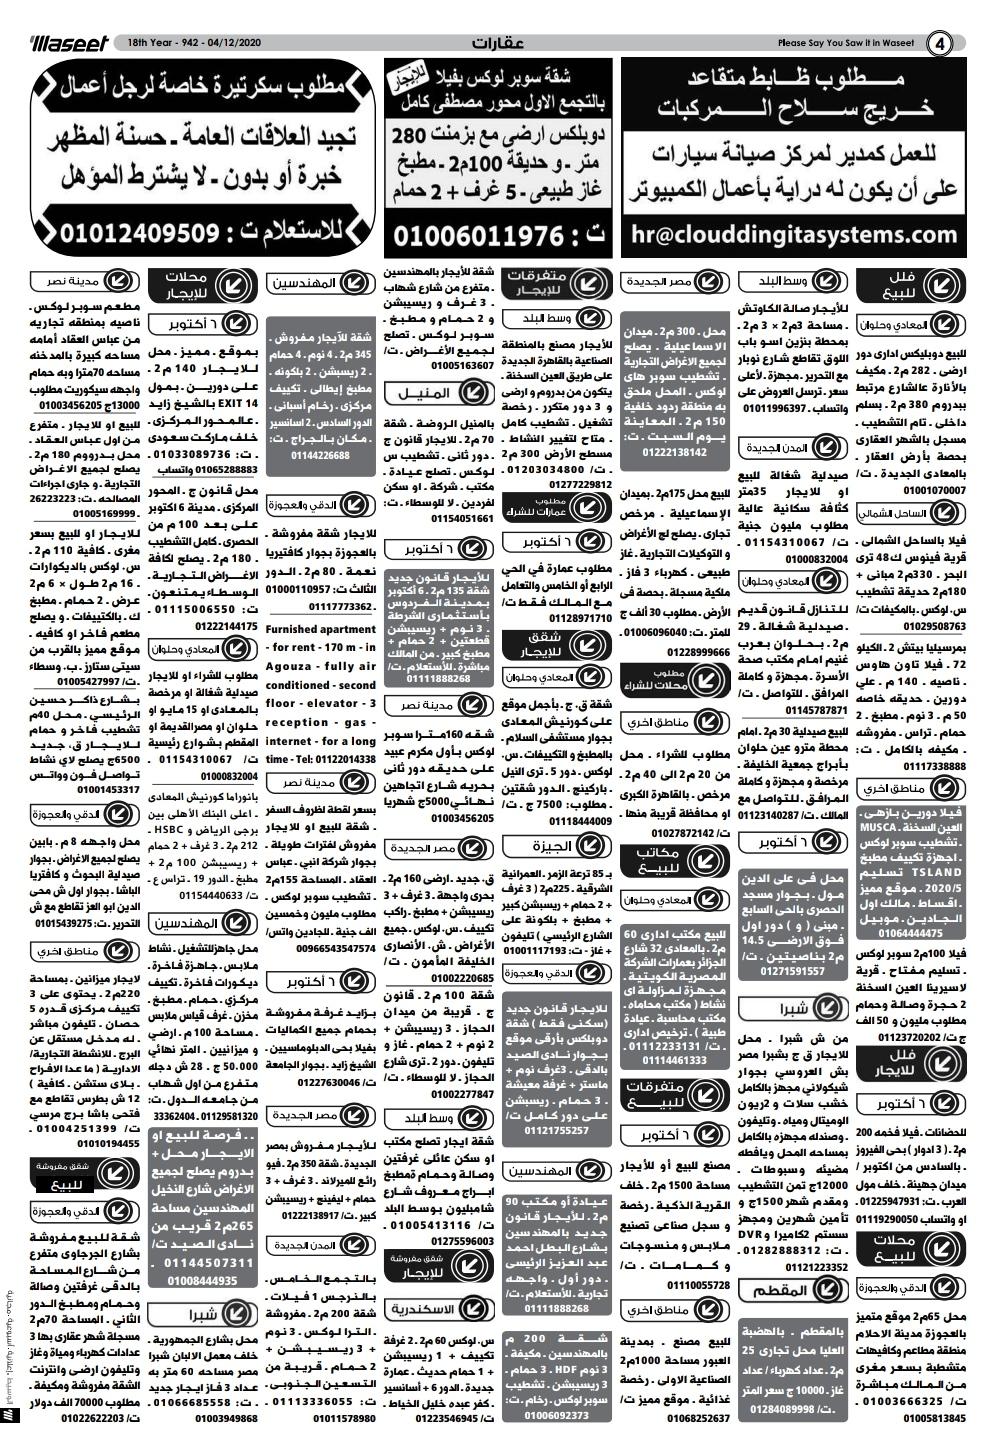 وظائف الوسيط و اعلانات مصر يوم الجمعة 4 ديسمبر 2020